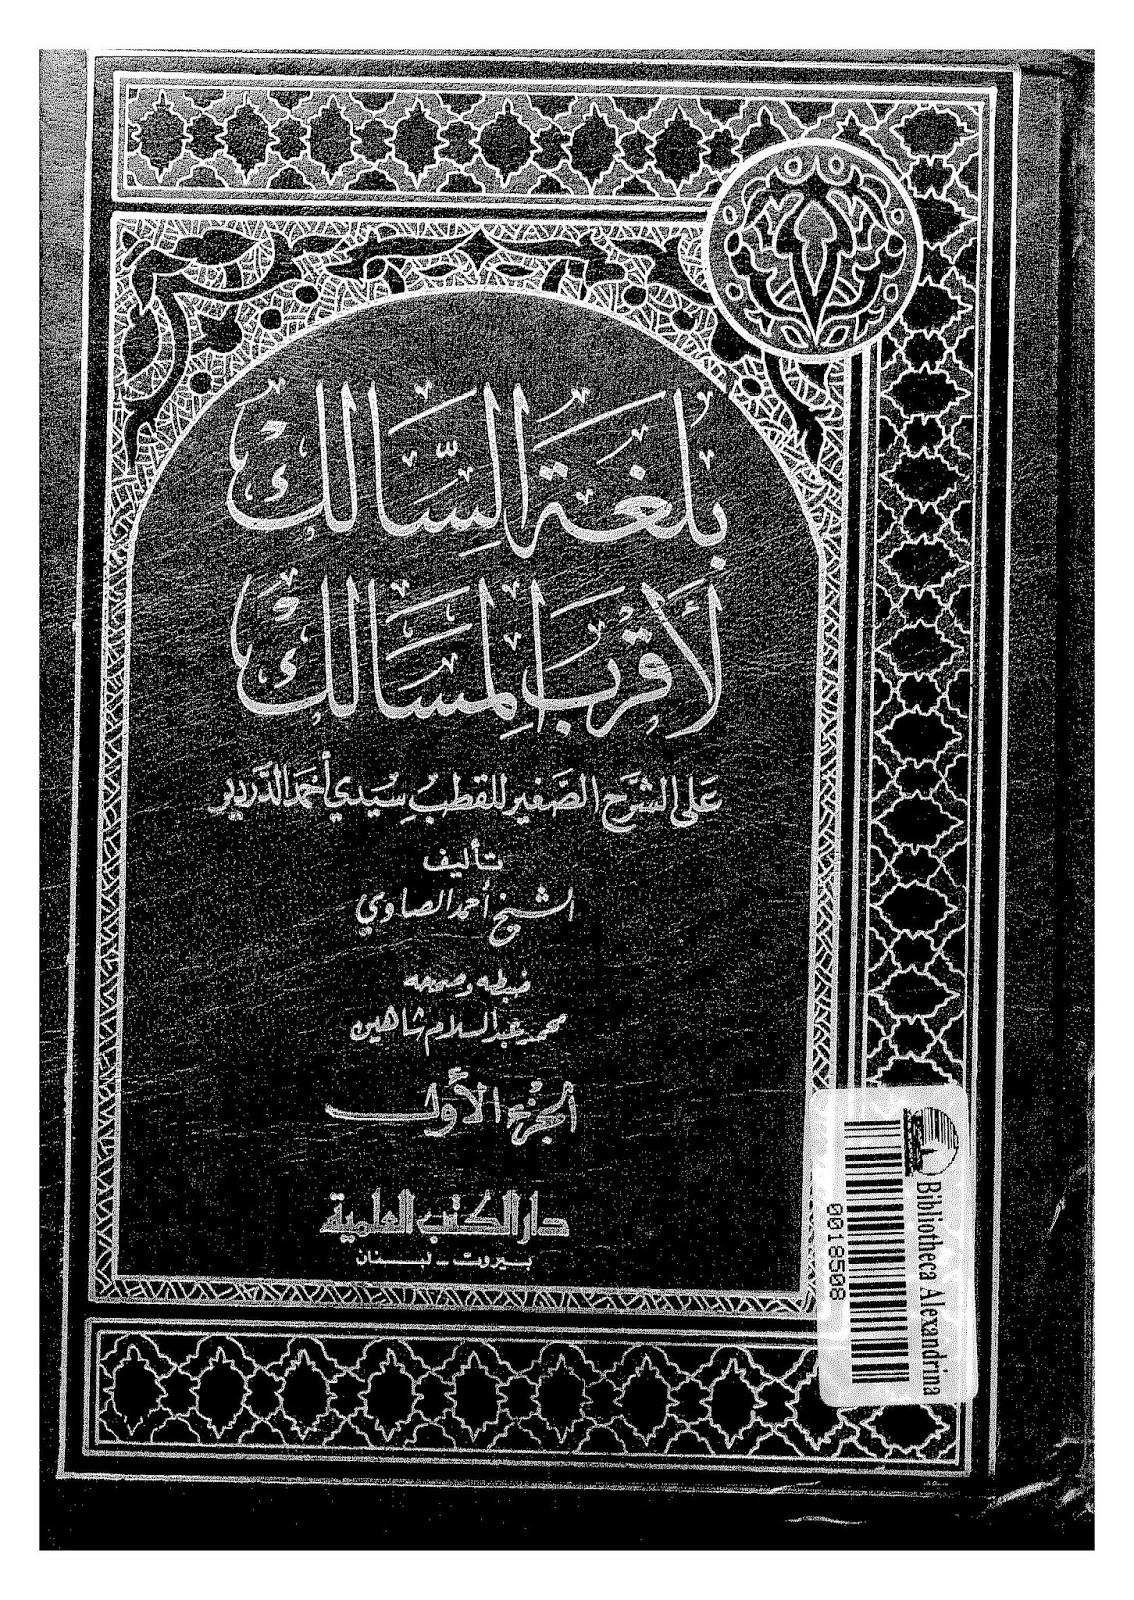 بلغة السالك لأقرب المسالك على الشرح الصغير للقطب سيدي أحمد الدردير - أحمد الصاوي pdf